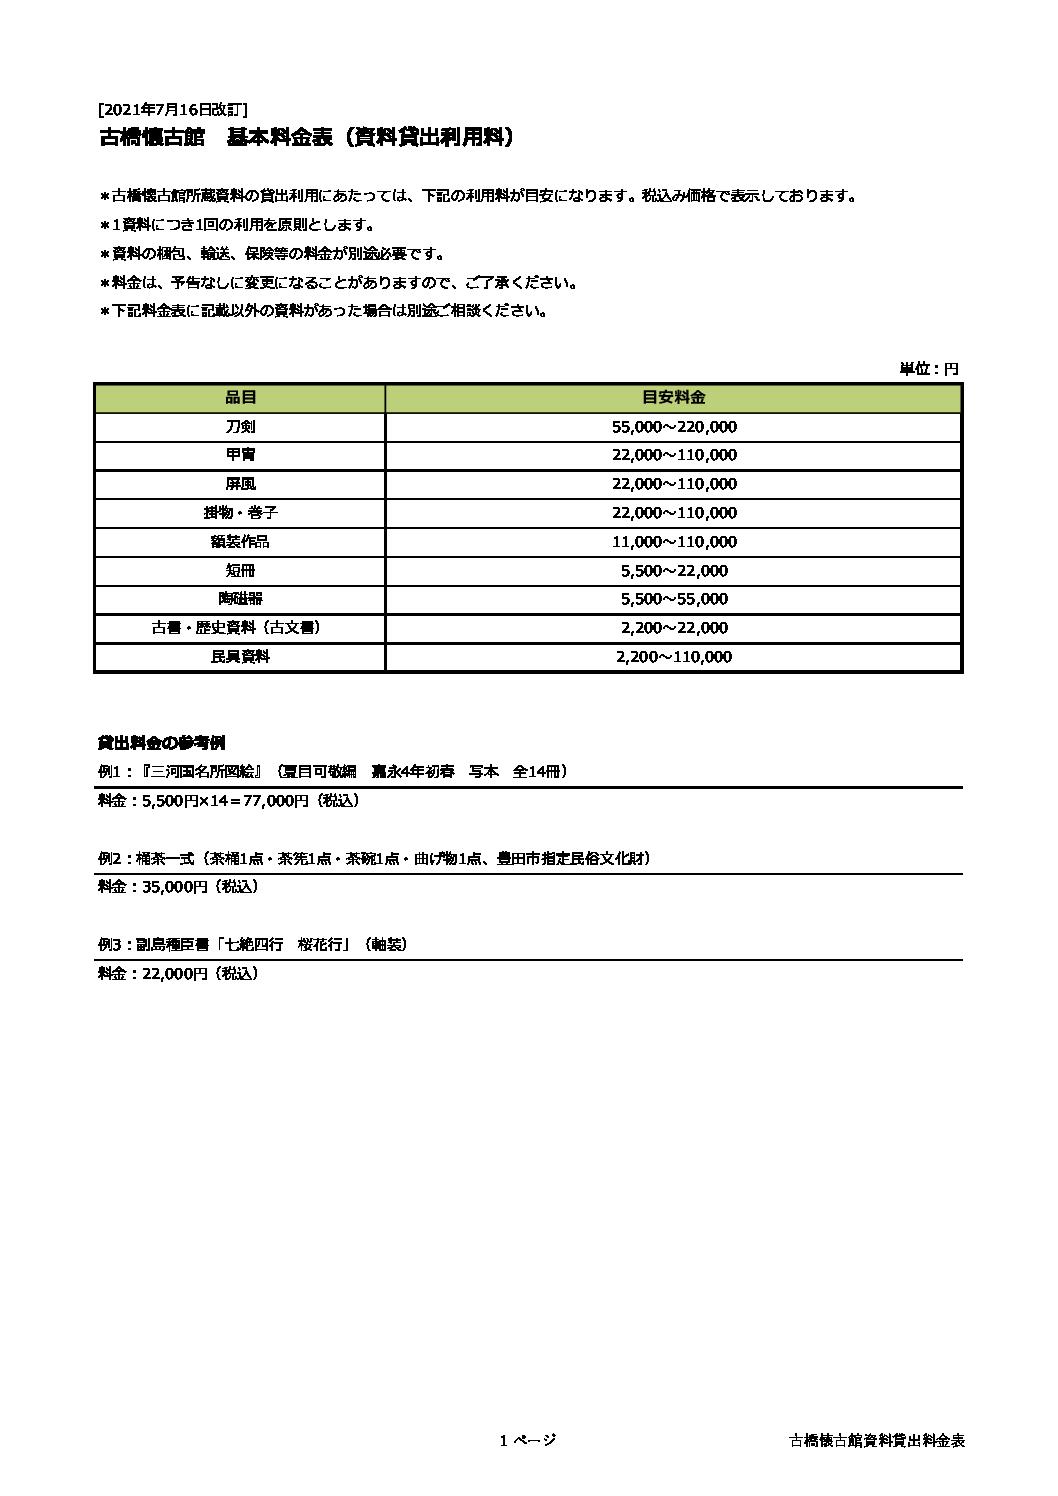 document_fee_furuhashikaikokan